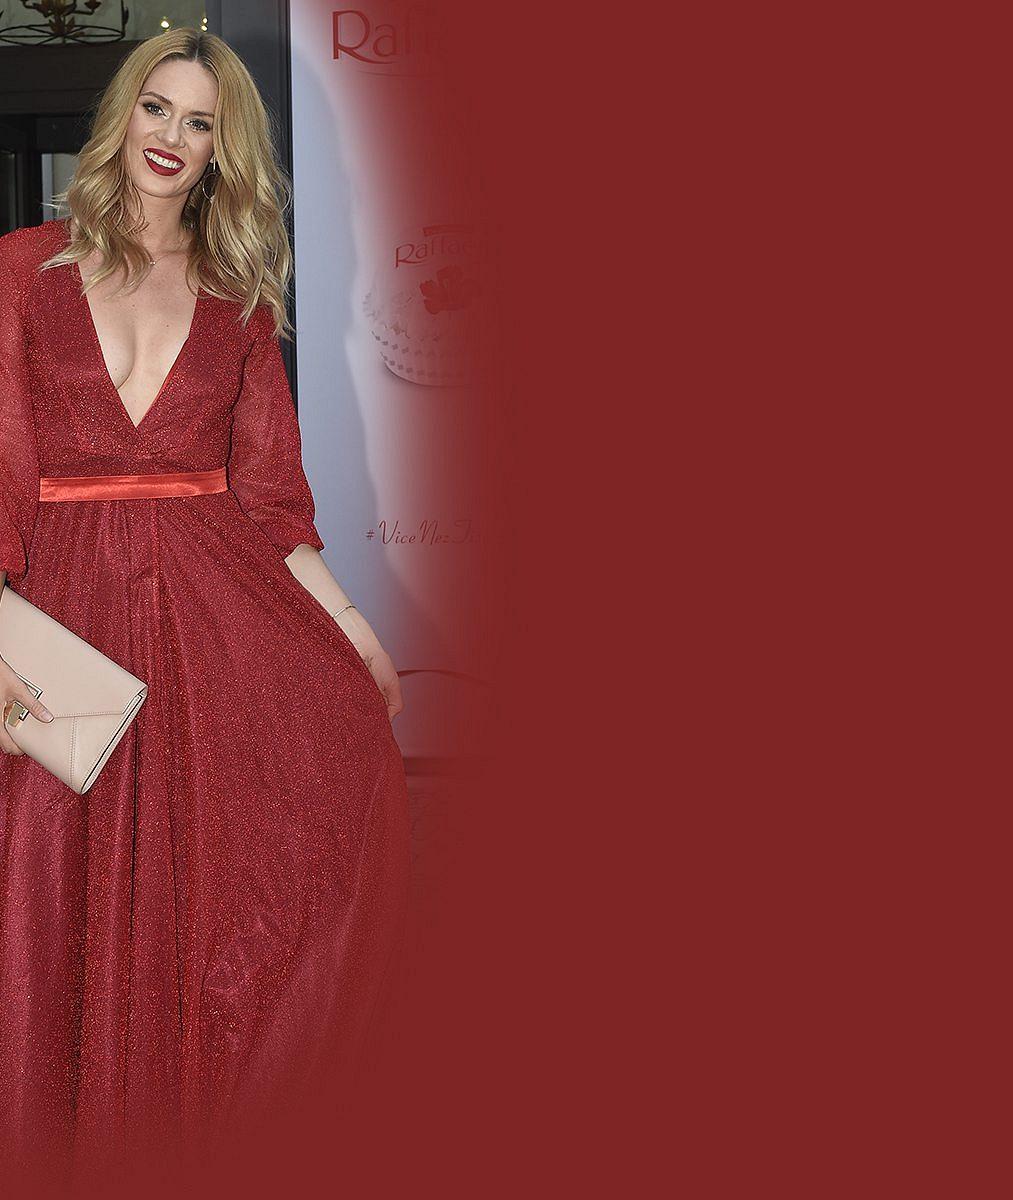 Manželský život si užívá plnými doušky: Takhle se krásná Nikol Moravcová tulila na premiéře ke svému vyvolenému